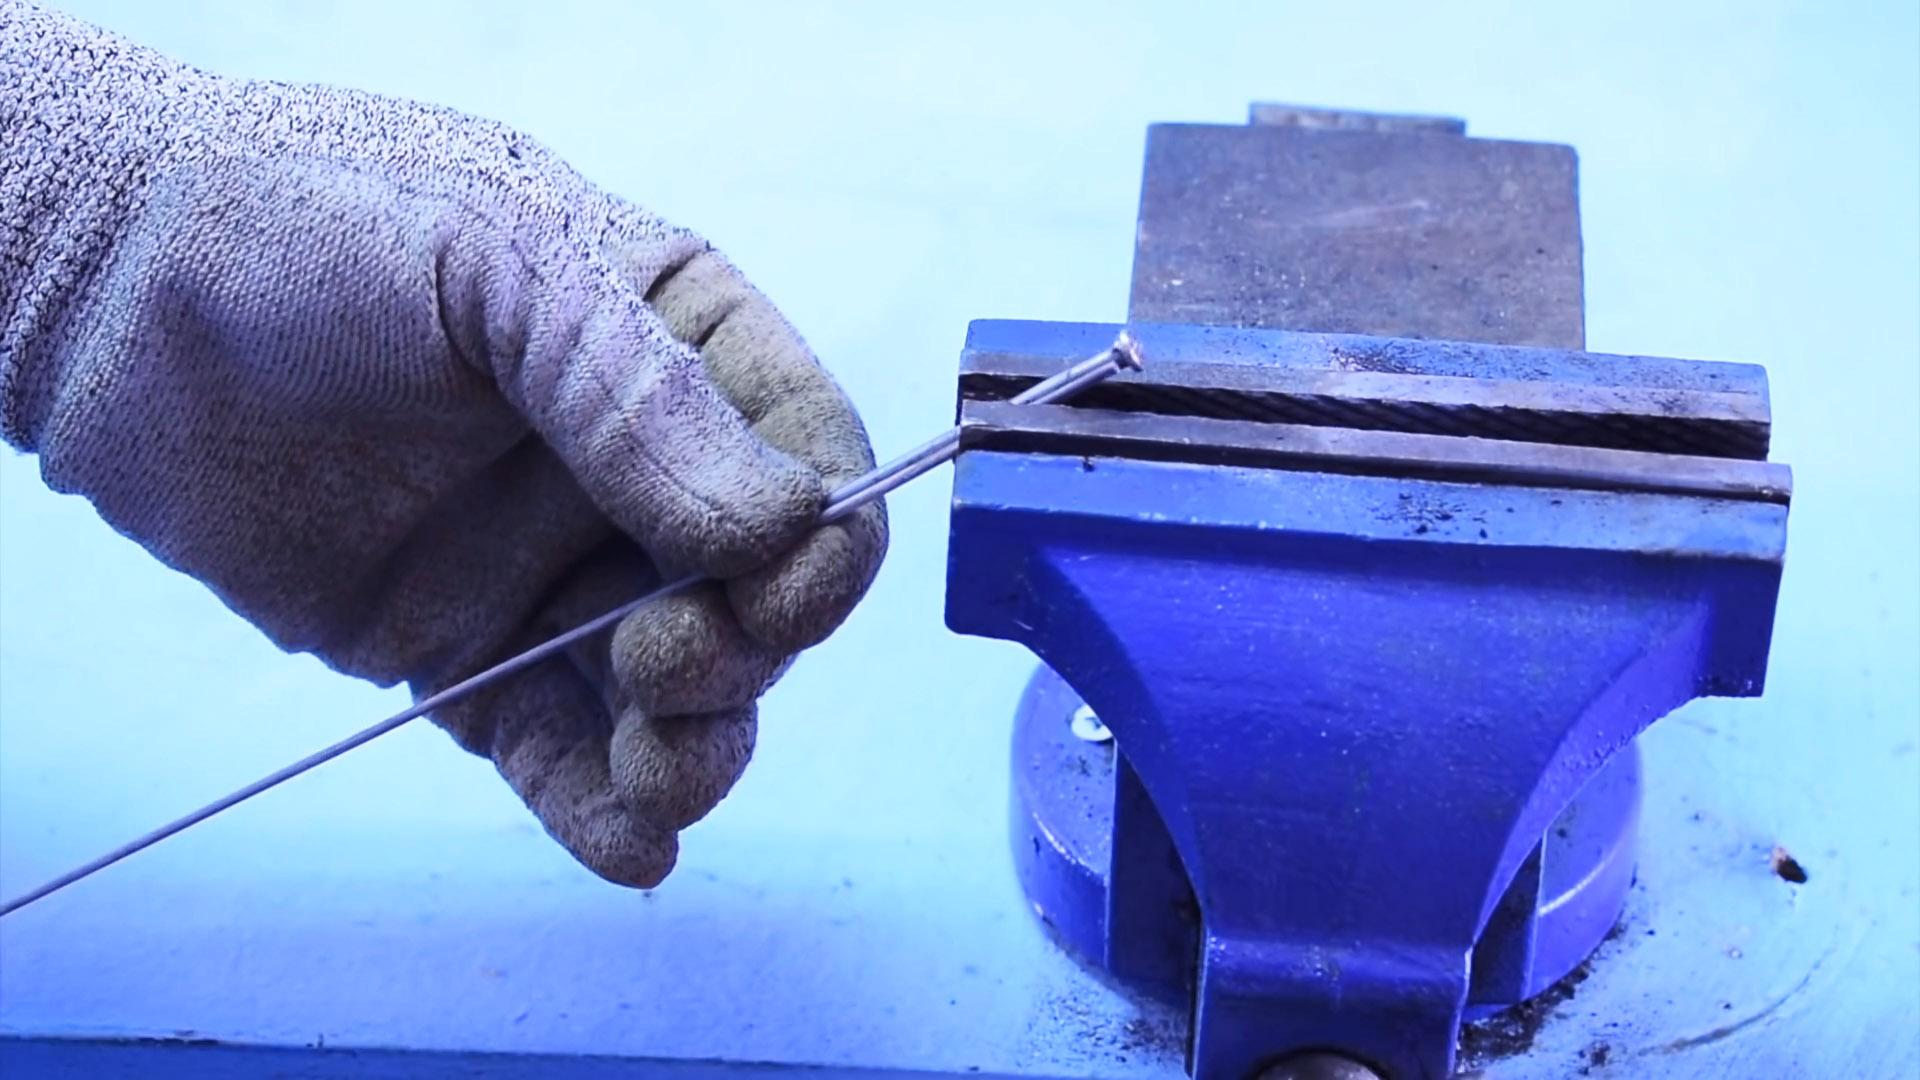 Как заварить большое отверстие или наложить широкий шов - 1 хитрость опытного сварщика